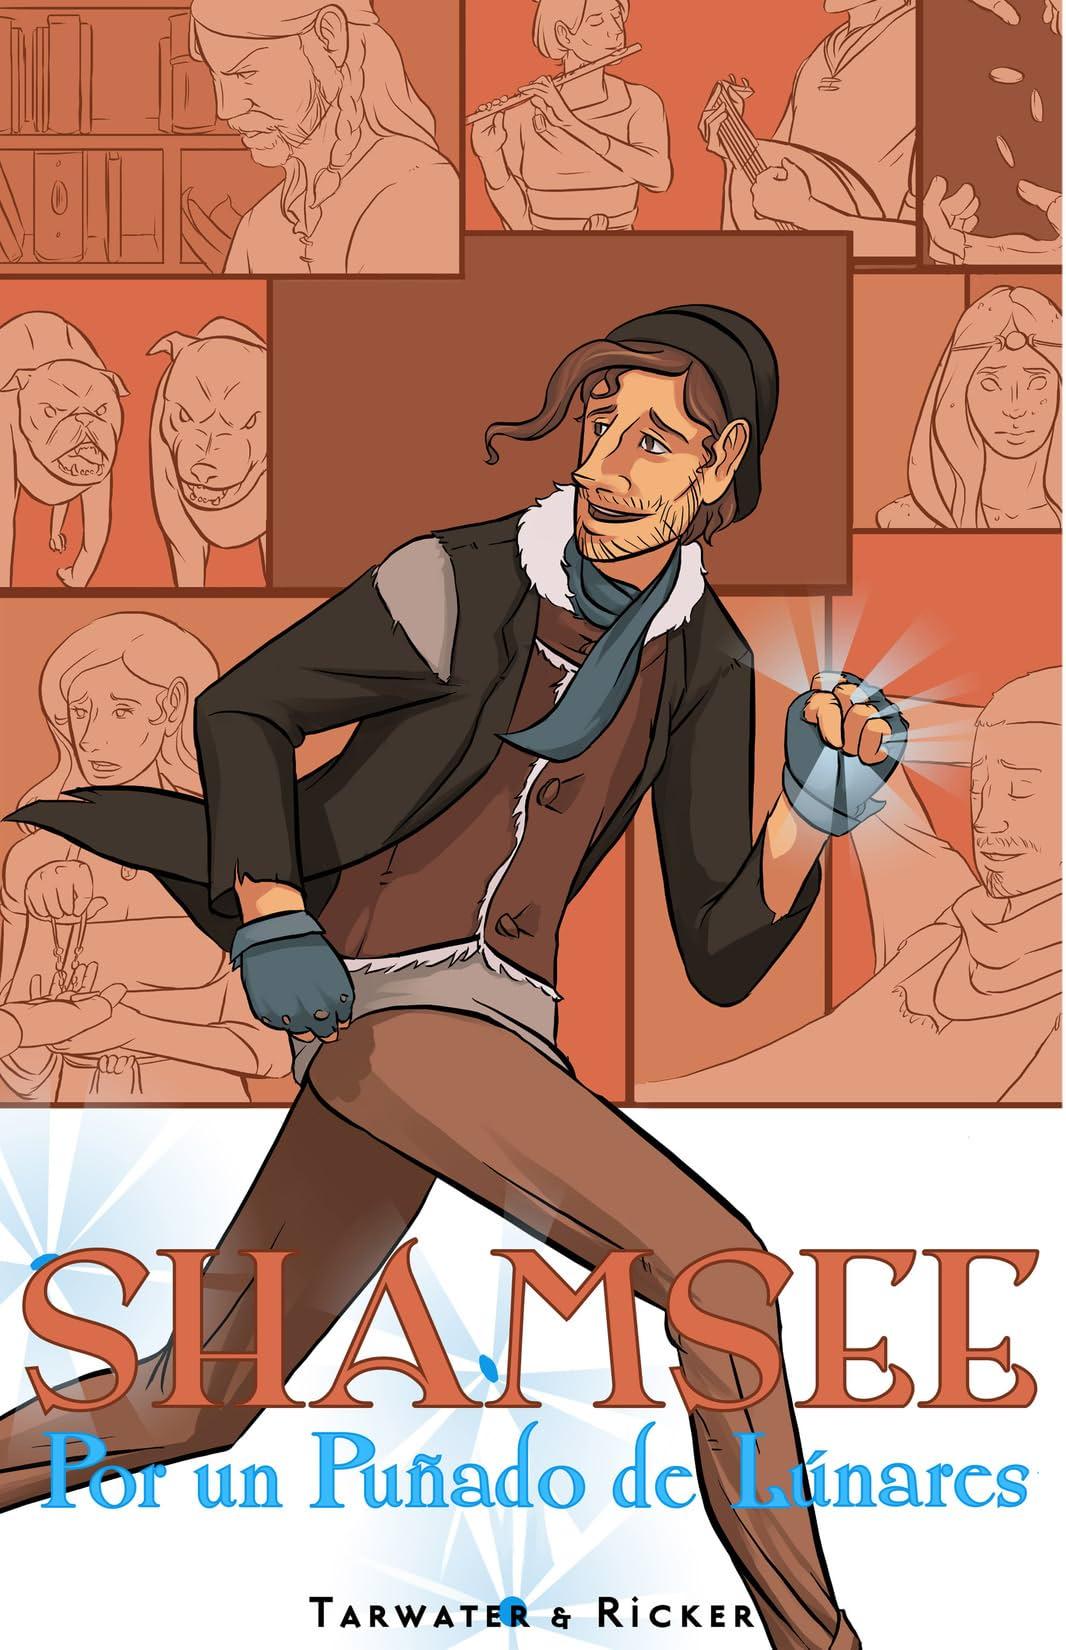 Shamsee (en Español) Vol. 1: Por un puñado de Lunares